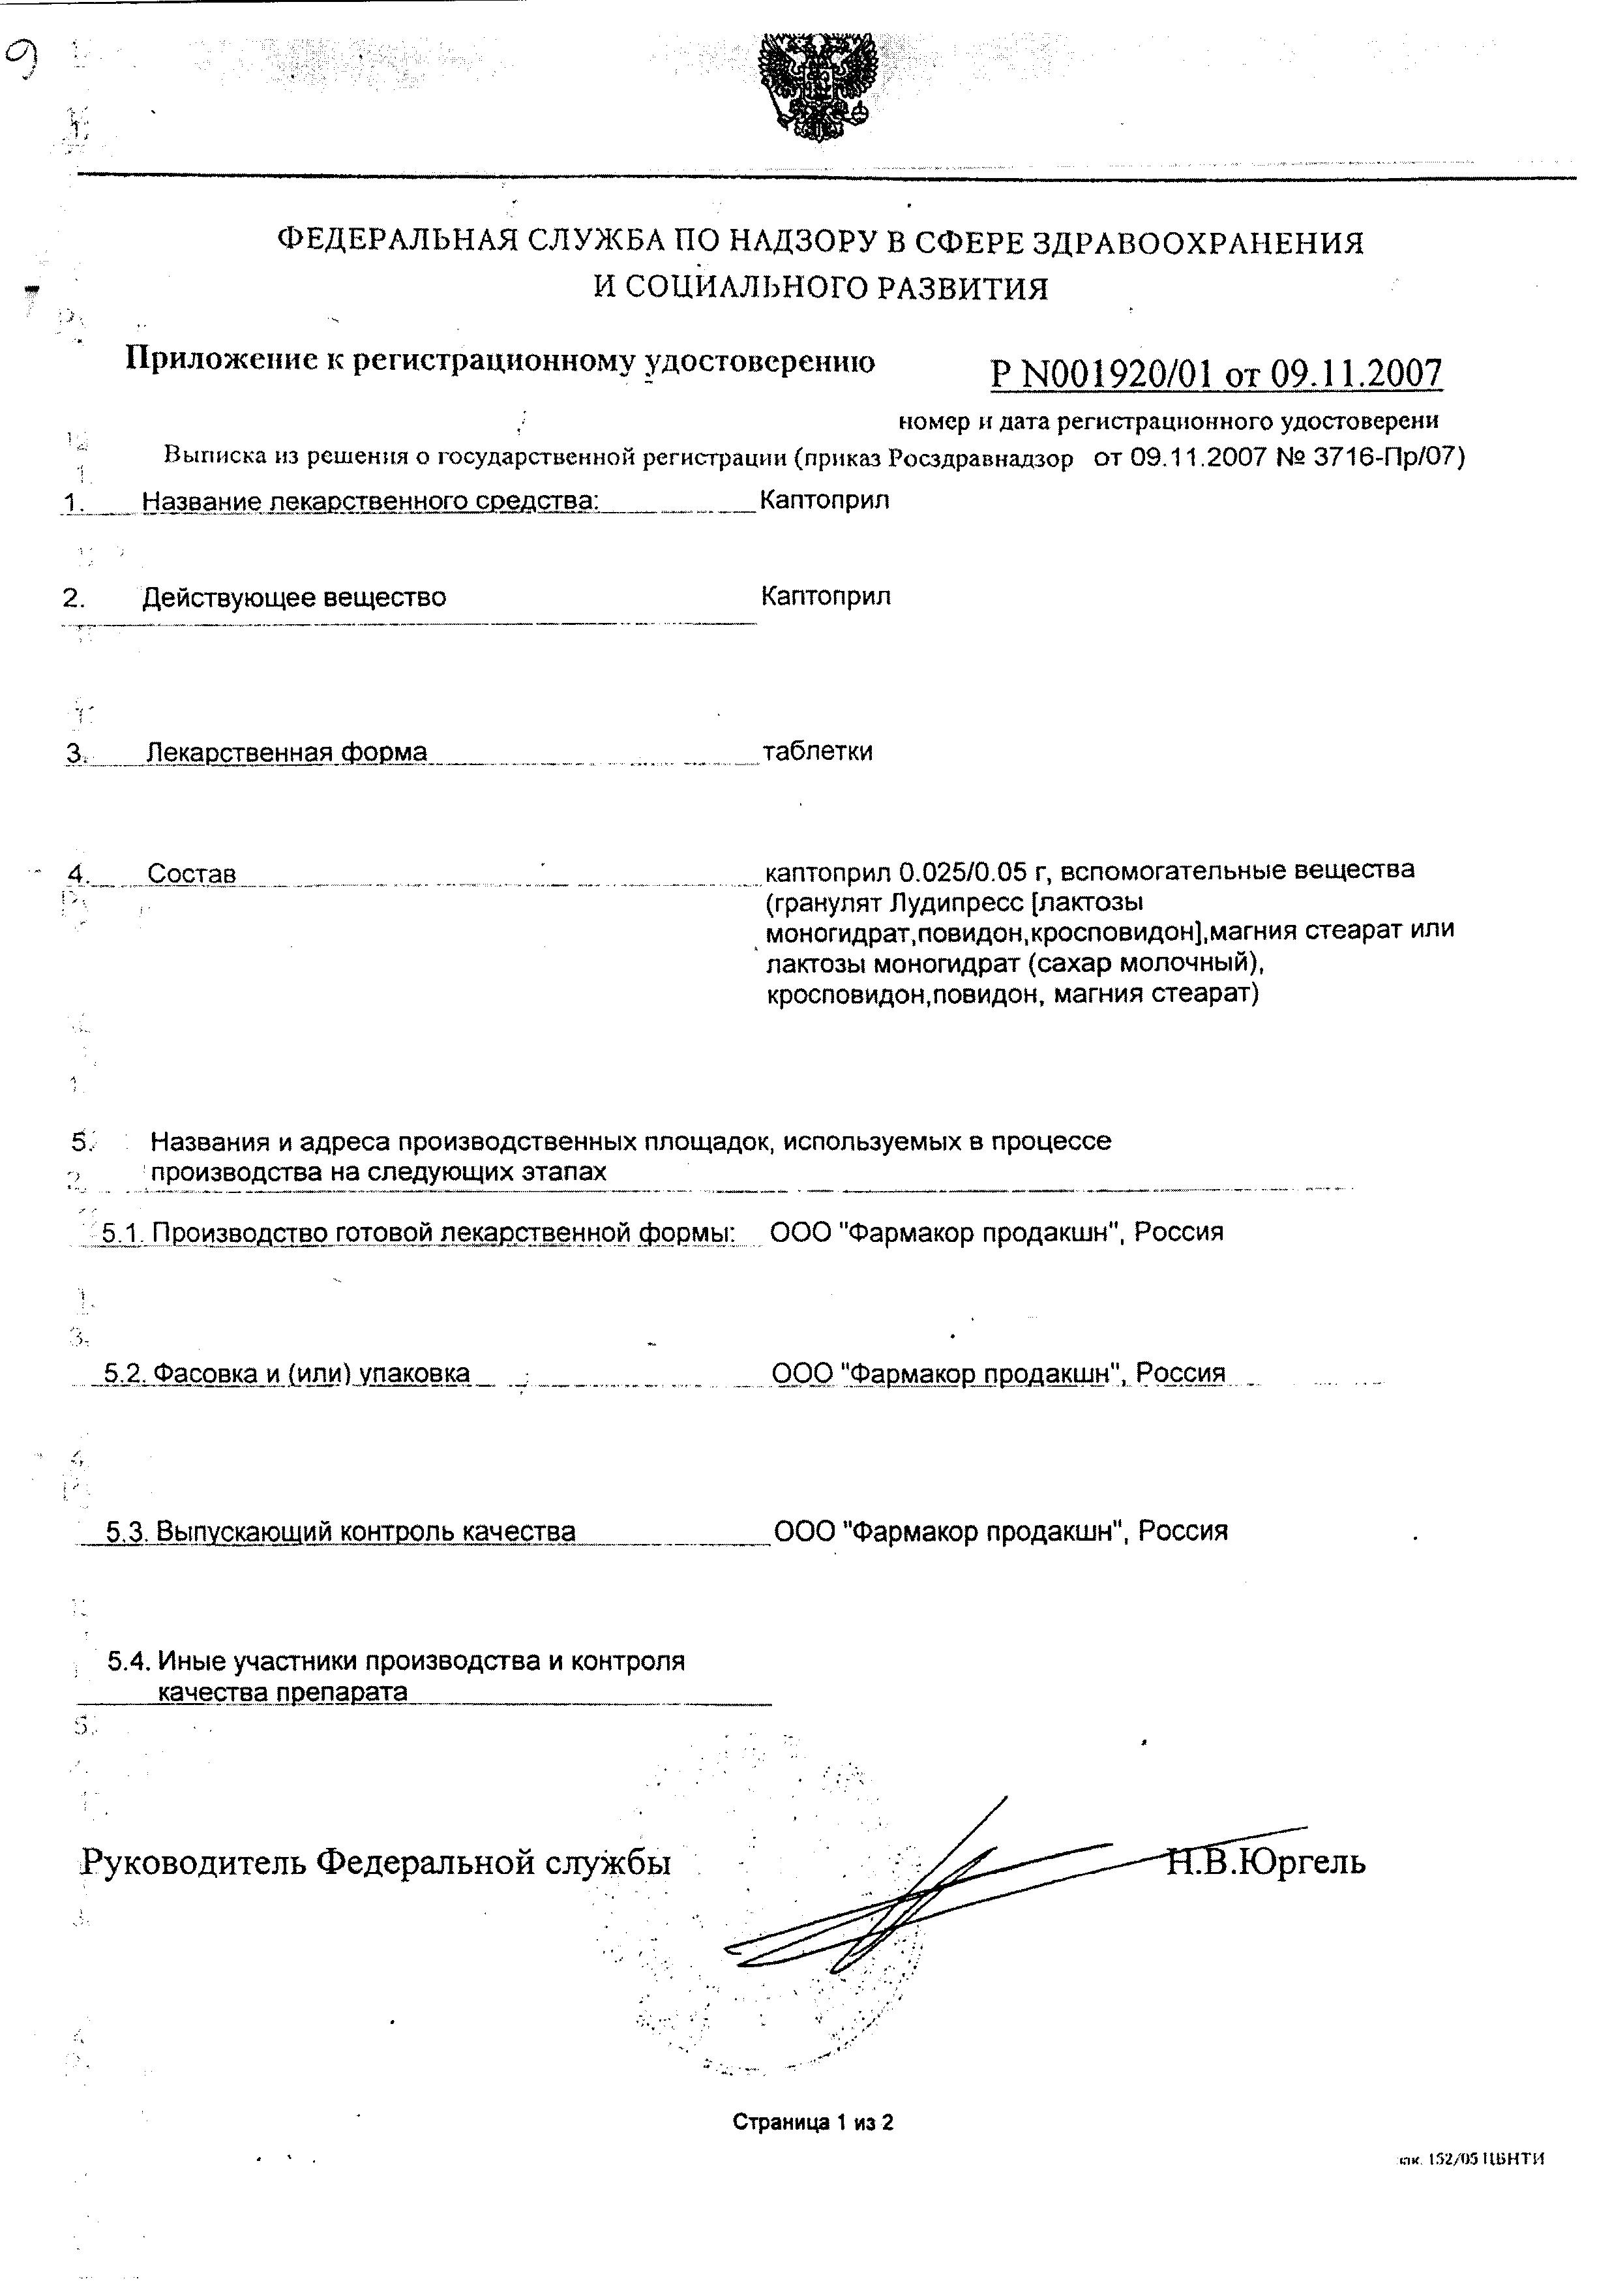 Каптоприл сертификат